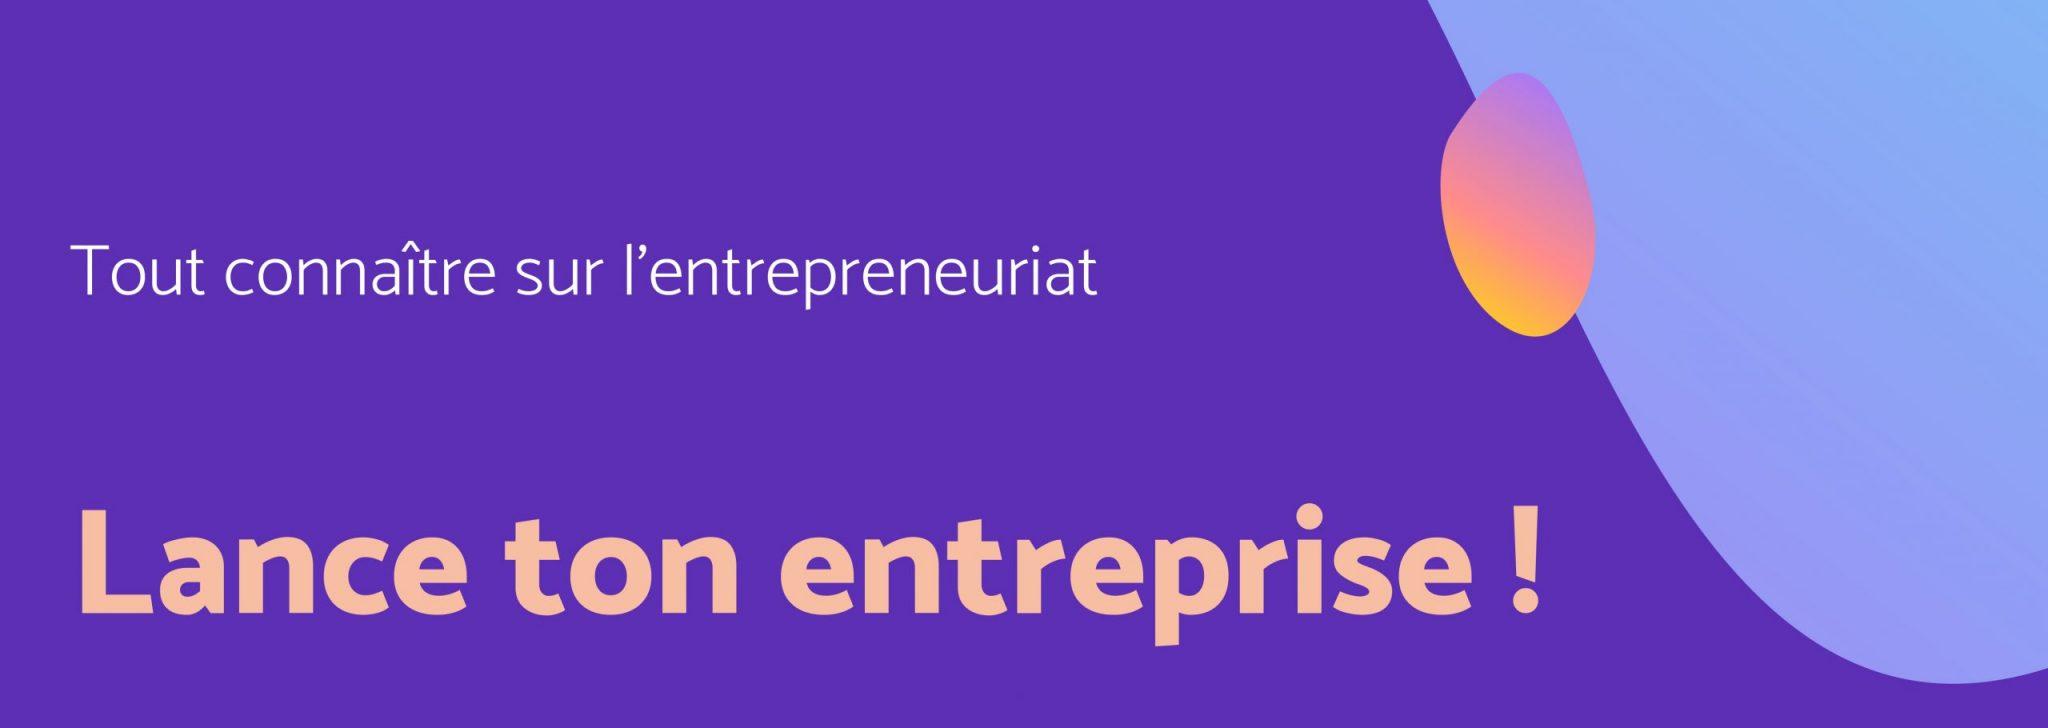 Webinaires: tout connaître sur l'entrepreneuriat